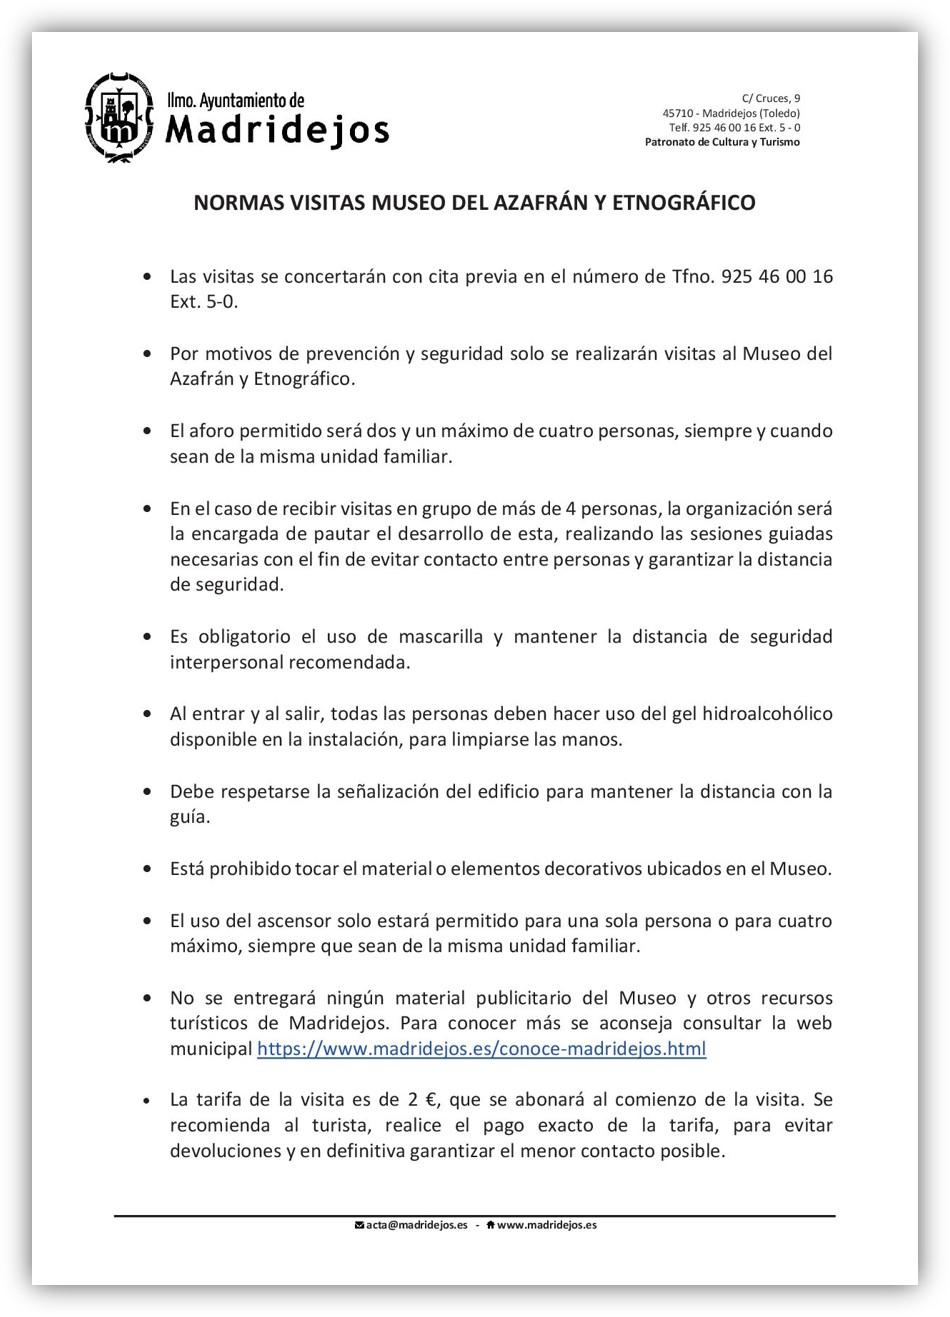 normas visitas museo azafran y etnografico madridejos